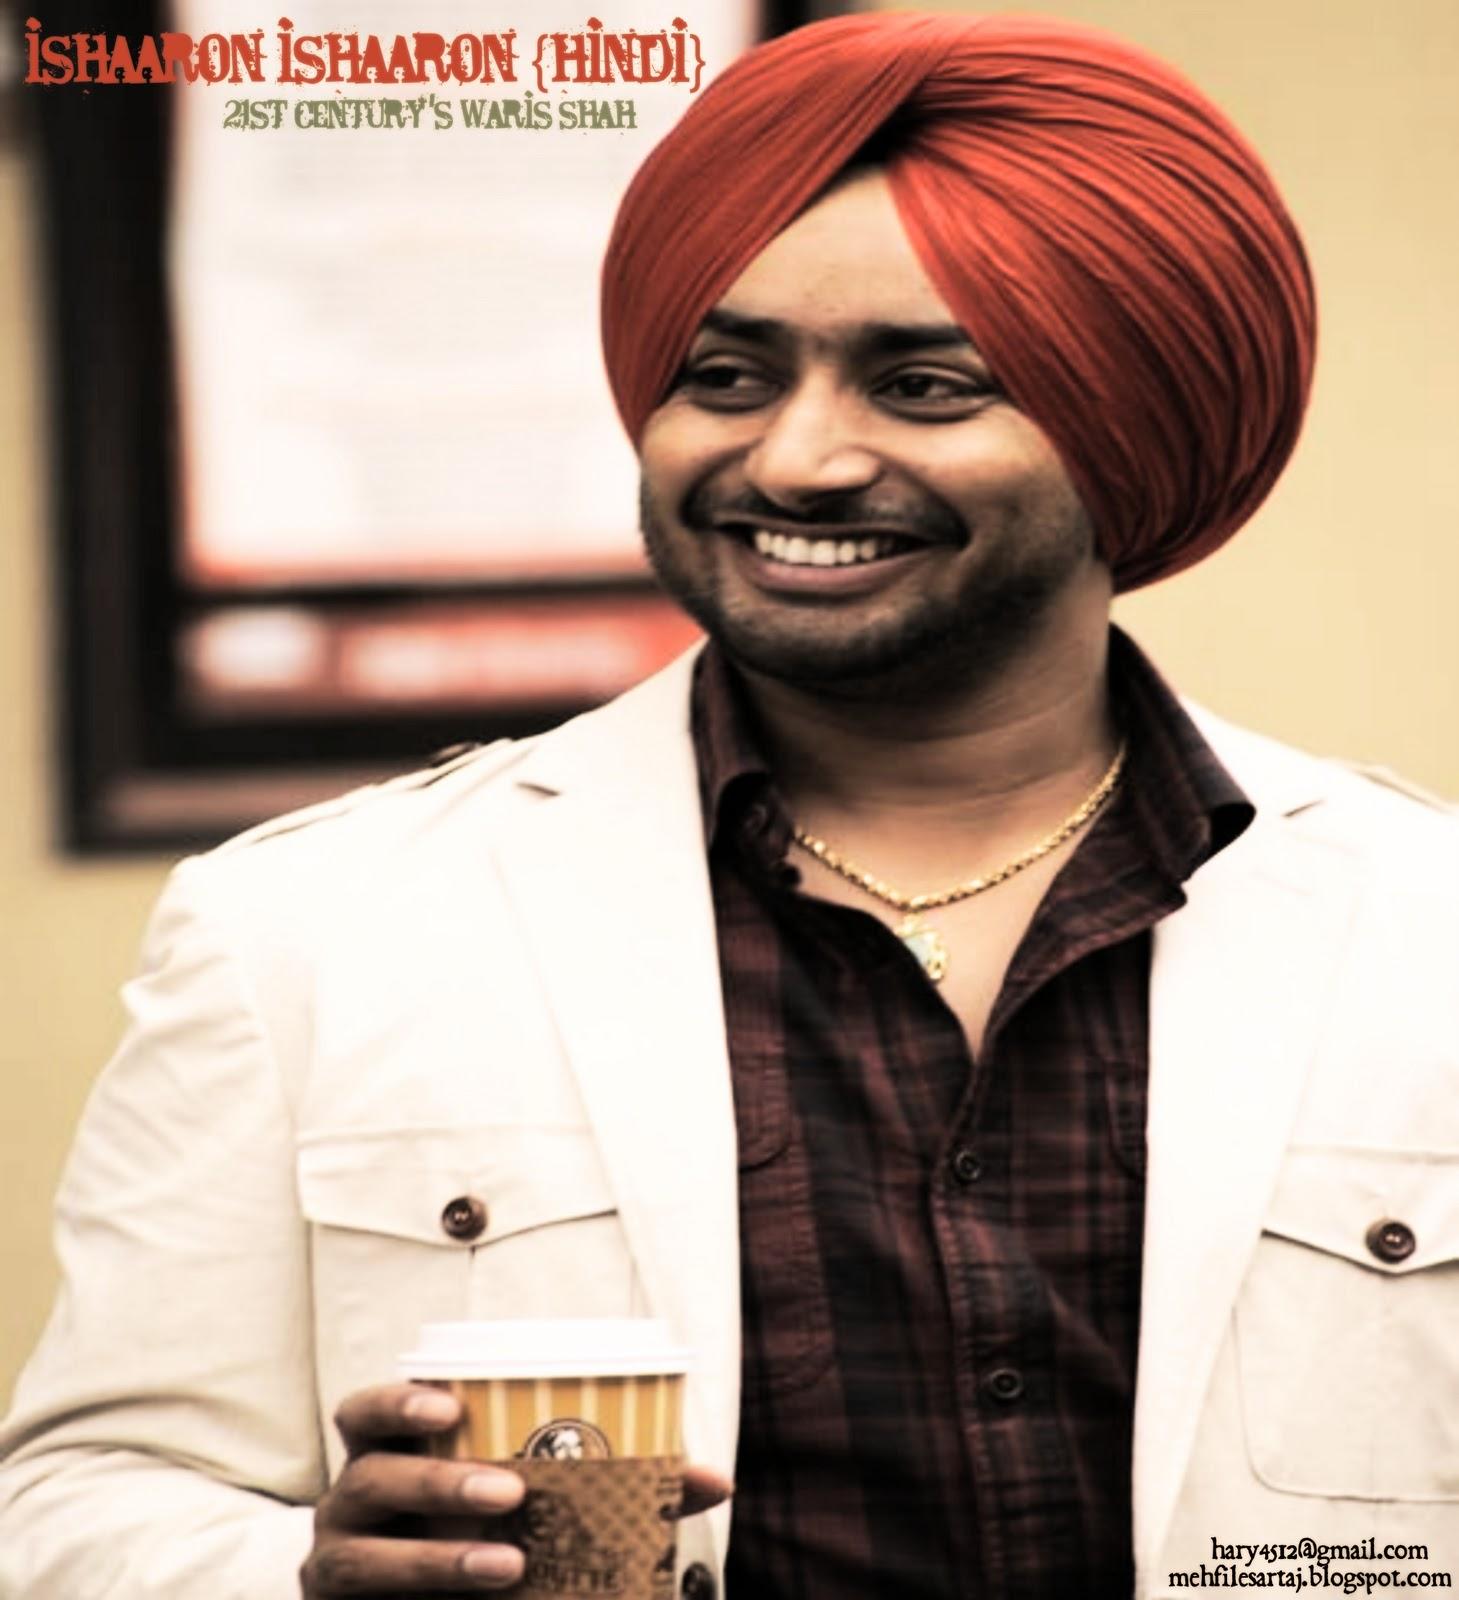 Ek Samay Tu To Meri Dilse Song Download: Mehfil-E-Sartaj: Ishaaron Ishaaron {Hindi}